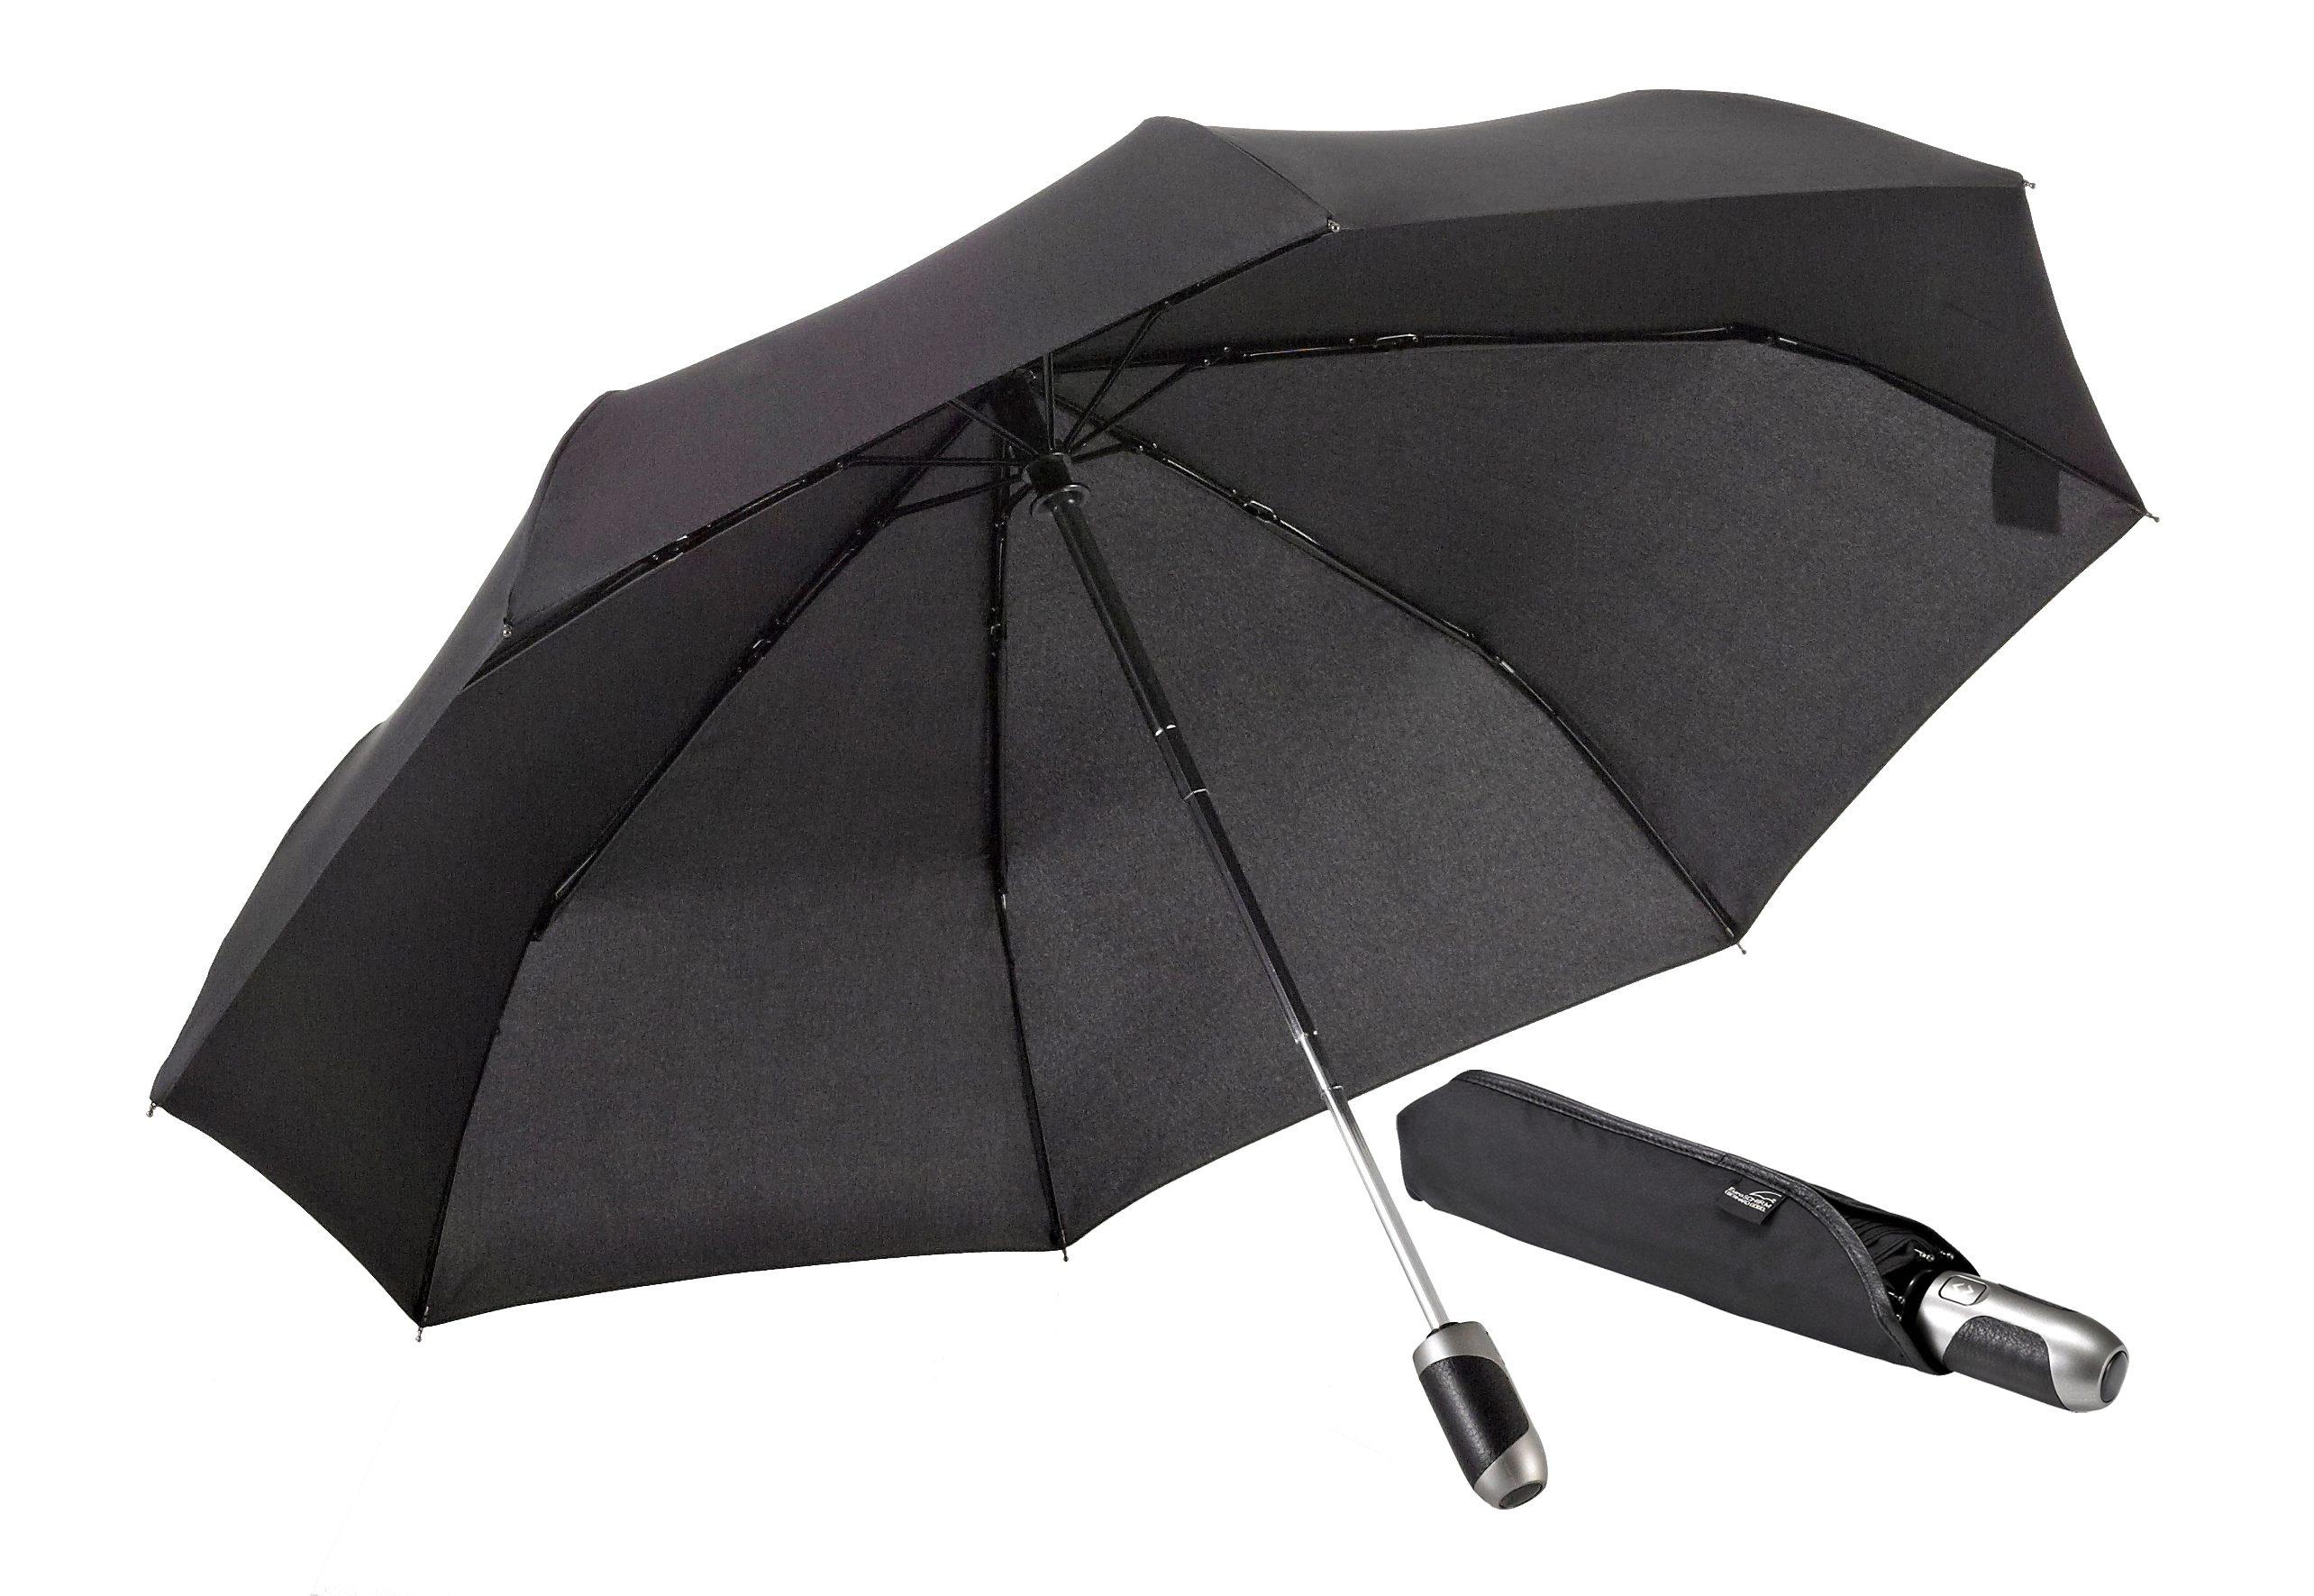 Euroschirm® Regenschirm mit Elchleder, »One For All - Elchleder-Taschenschirm«